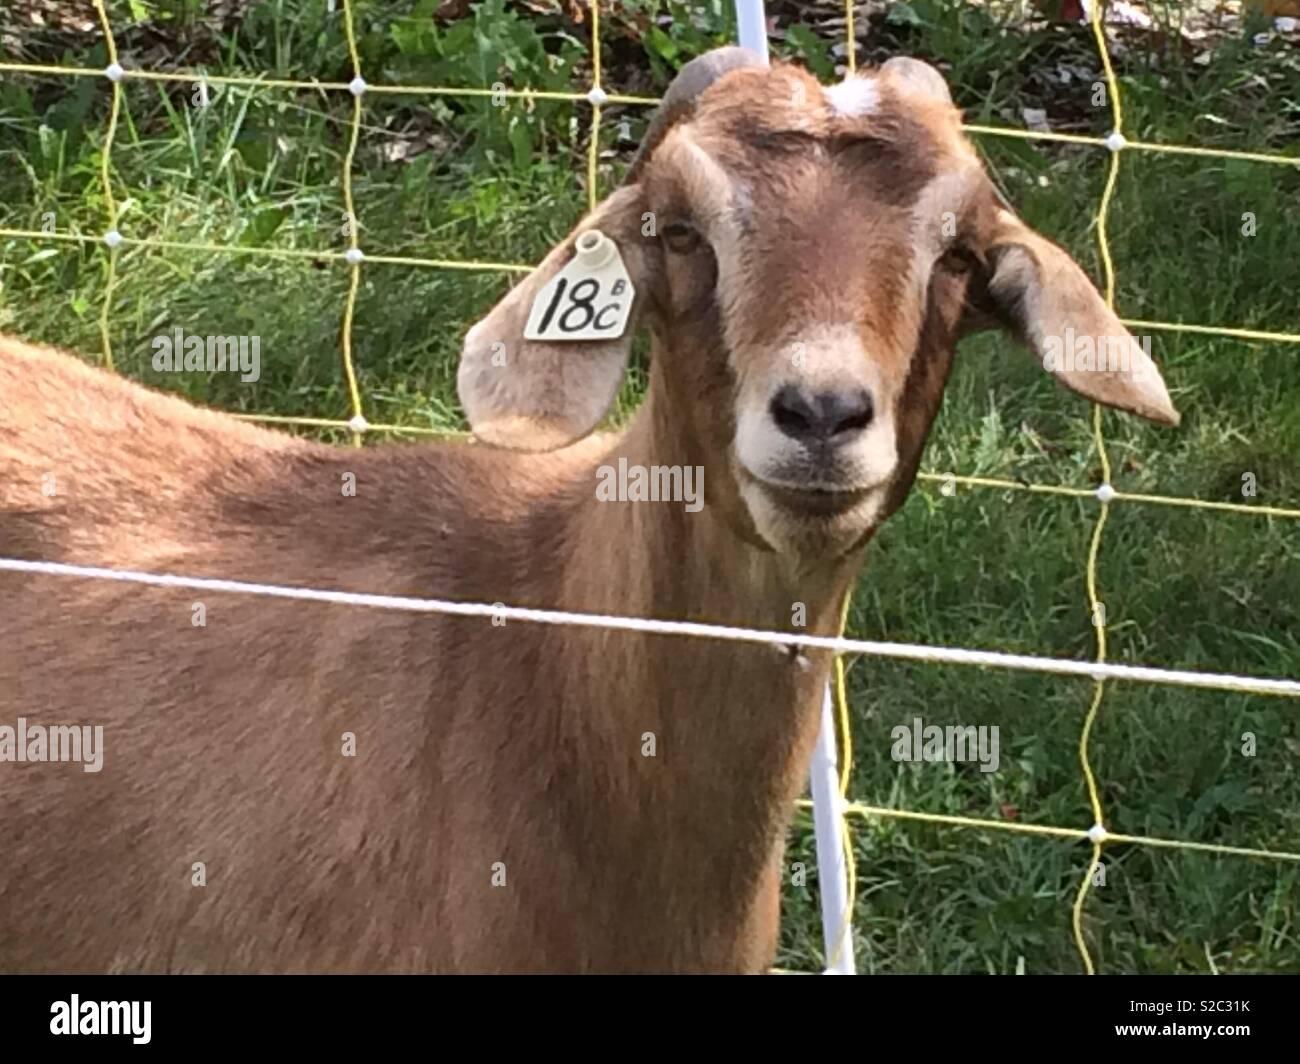 Kiko Goat Stock Photos & Kiko Goat Stock Images - Alamy